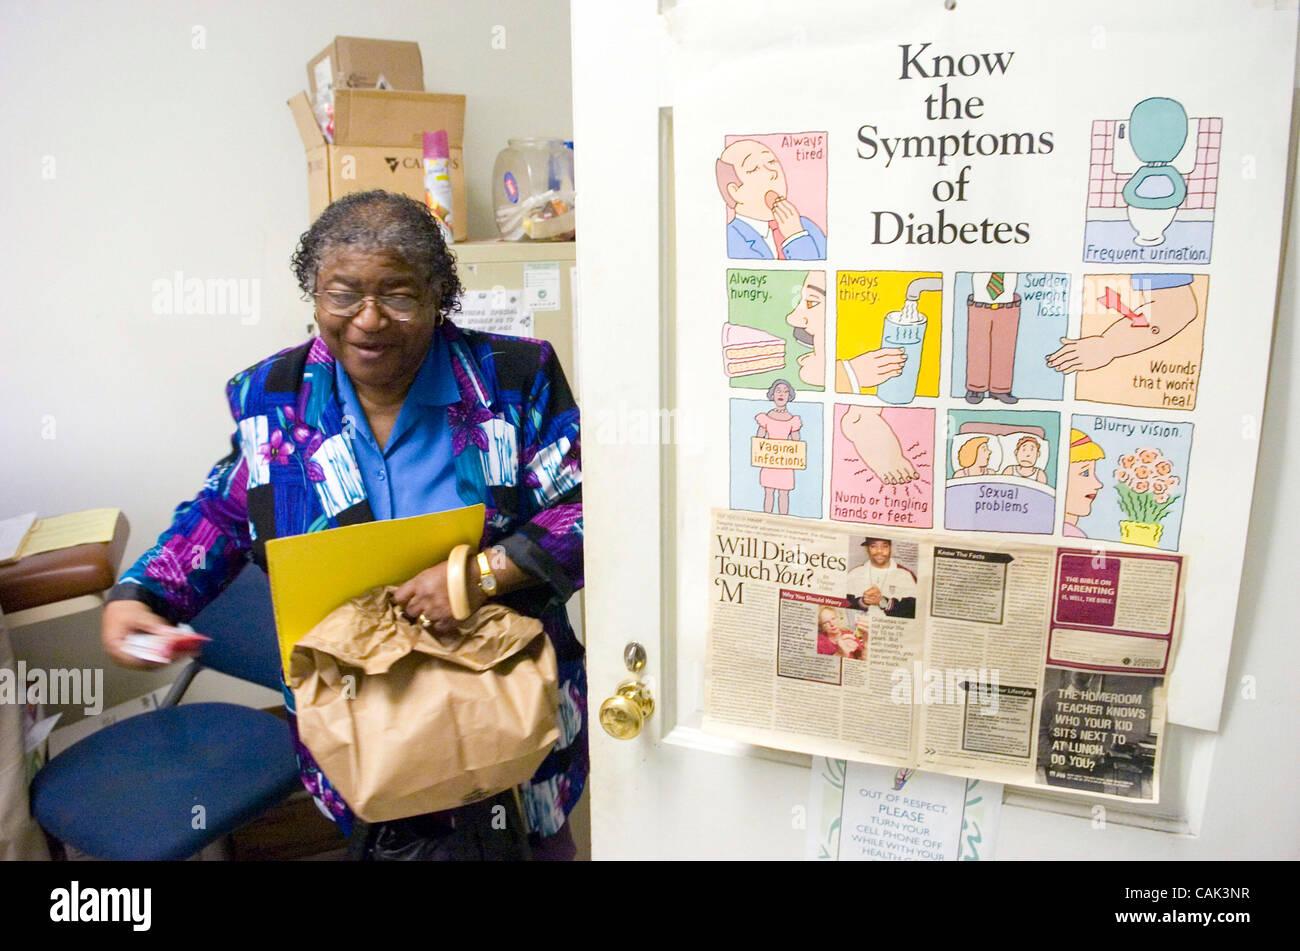 ATLANTA, GA - 20 settembre: paziente del diabete Mildred M. Griggs, lascia la clinica del diabete a cinghiate finanziariamente Immagini Stock